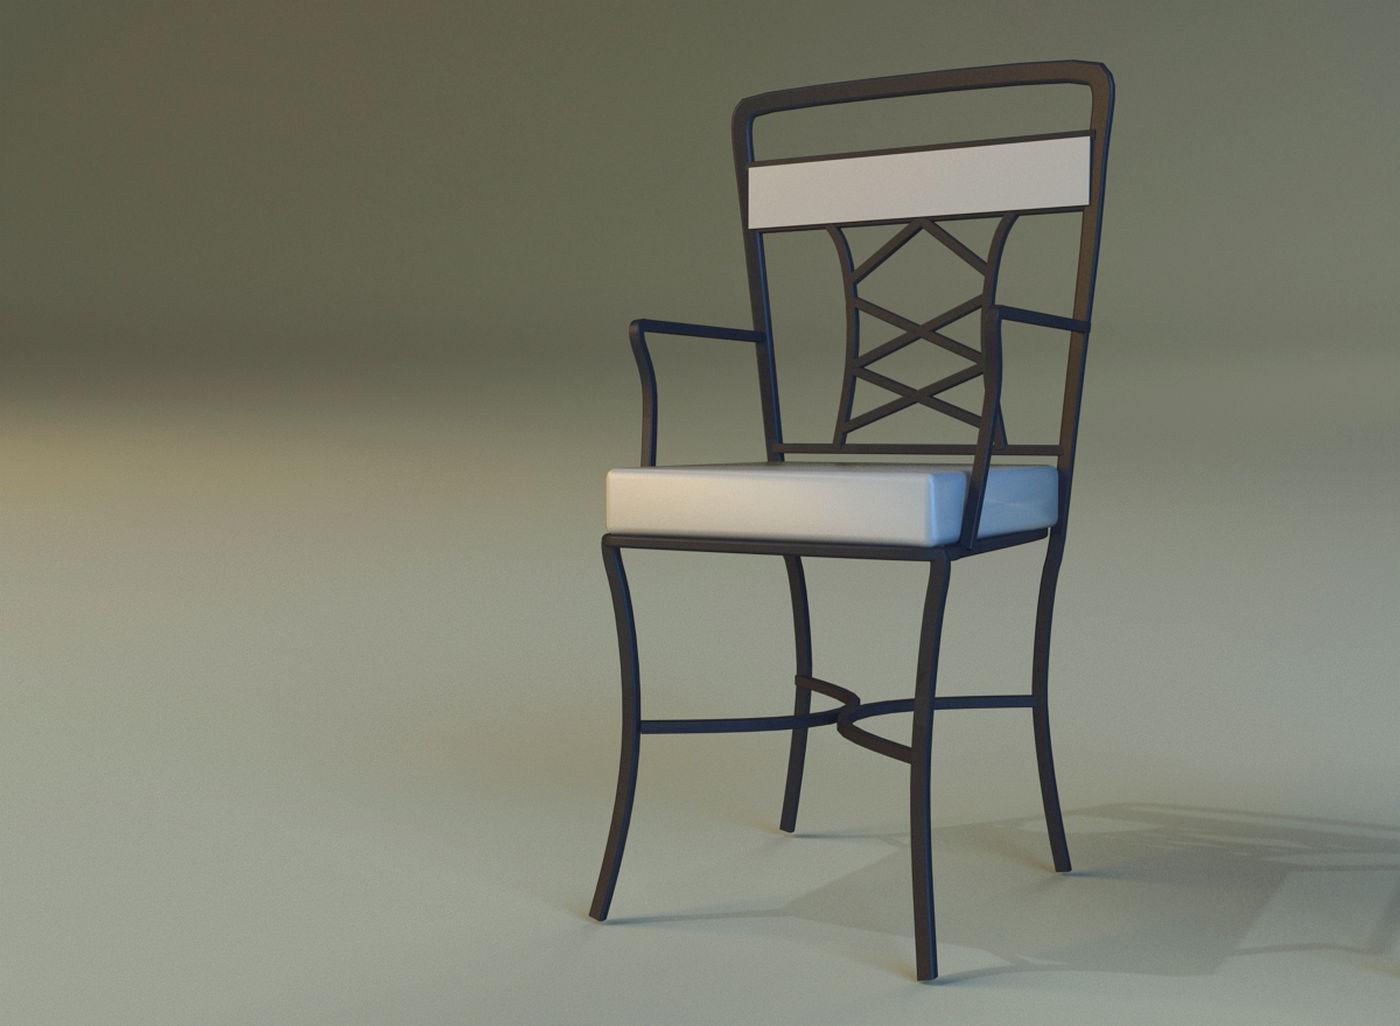 156 1 description comments 0 chair metal kitchen 3d model metal